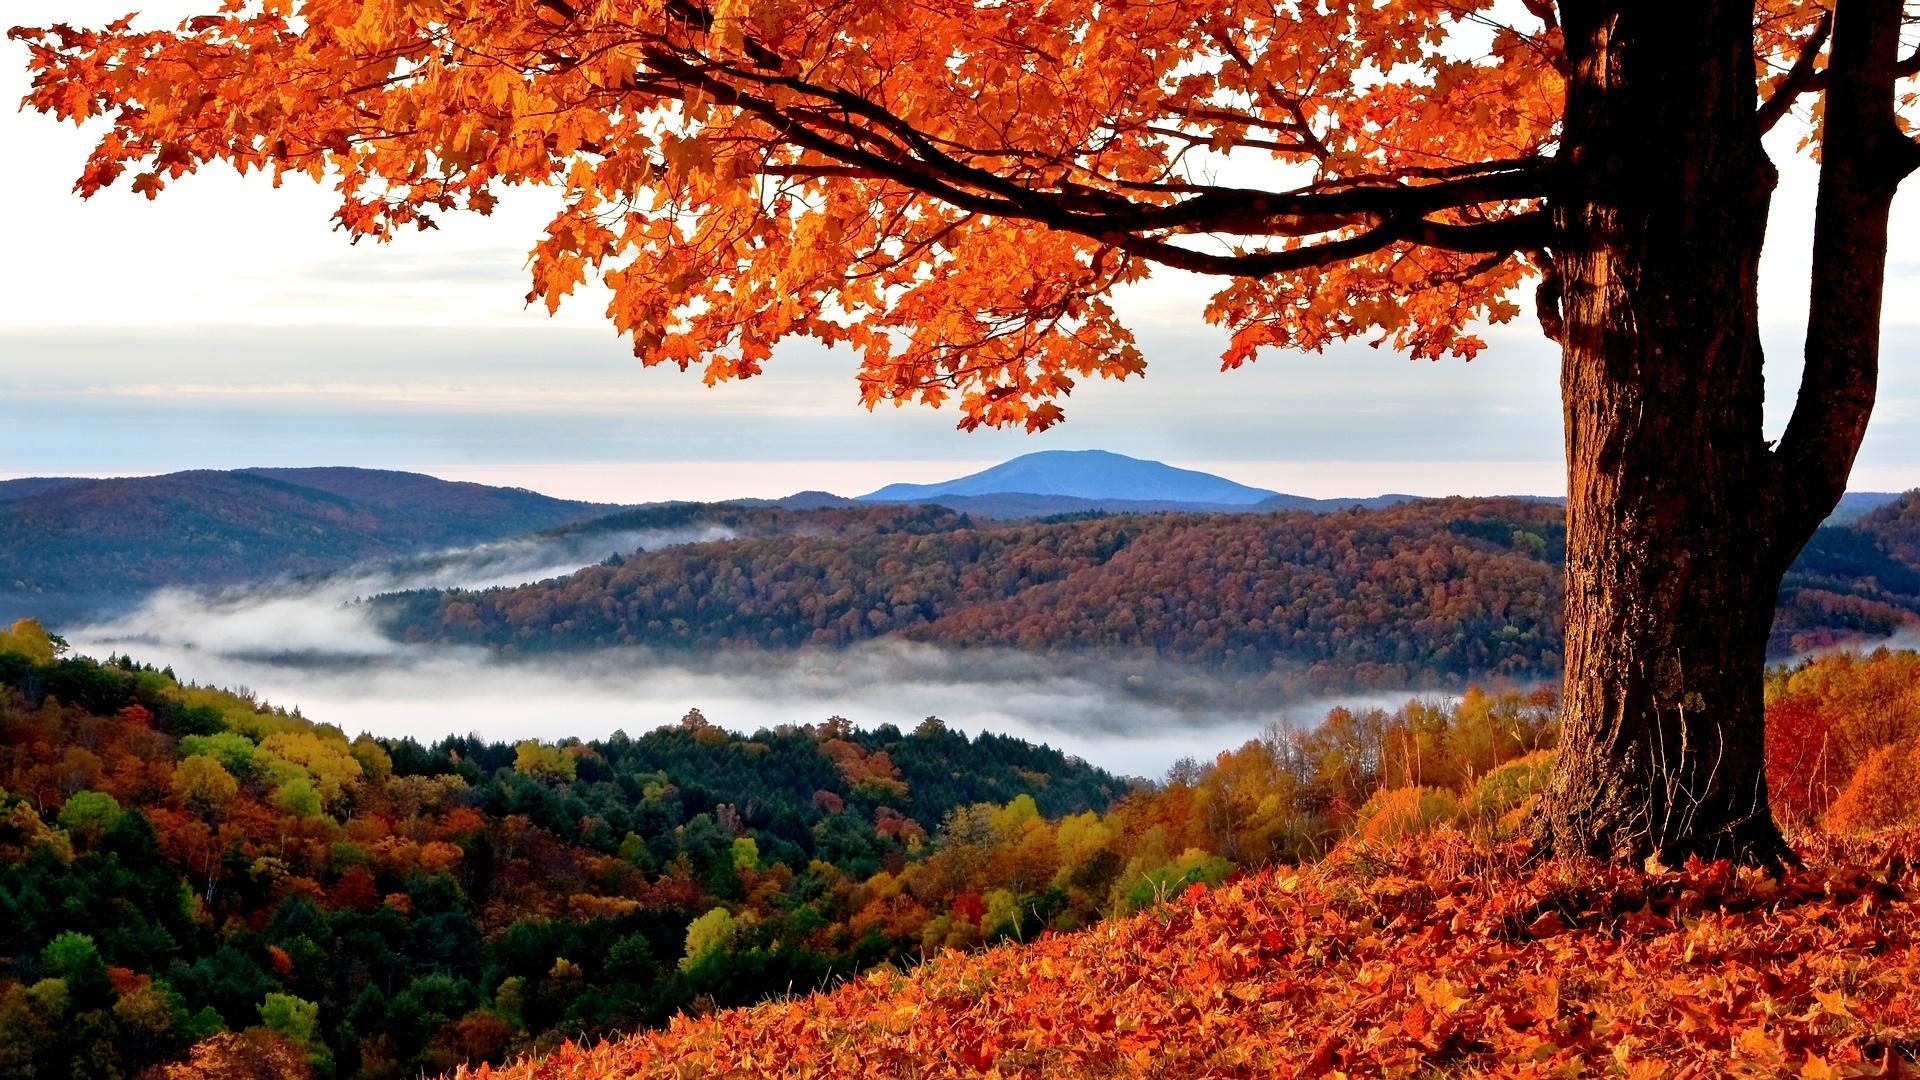 Hd Autumn Wallpaper